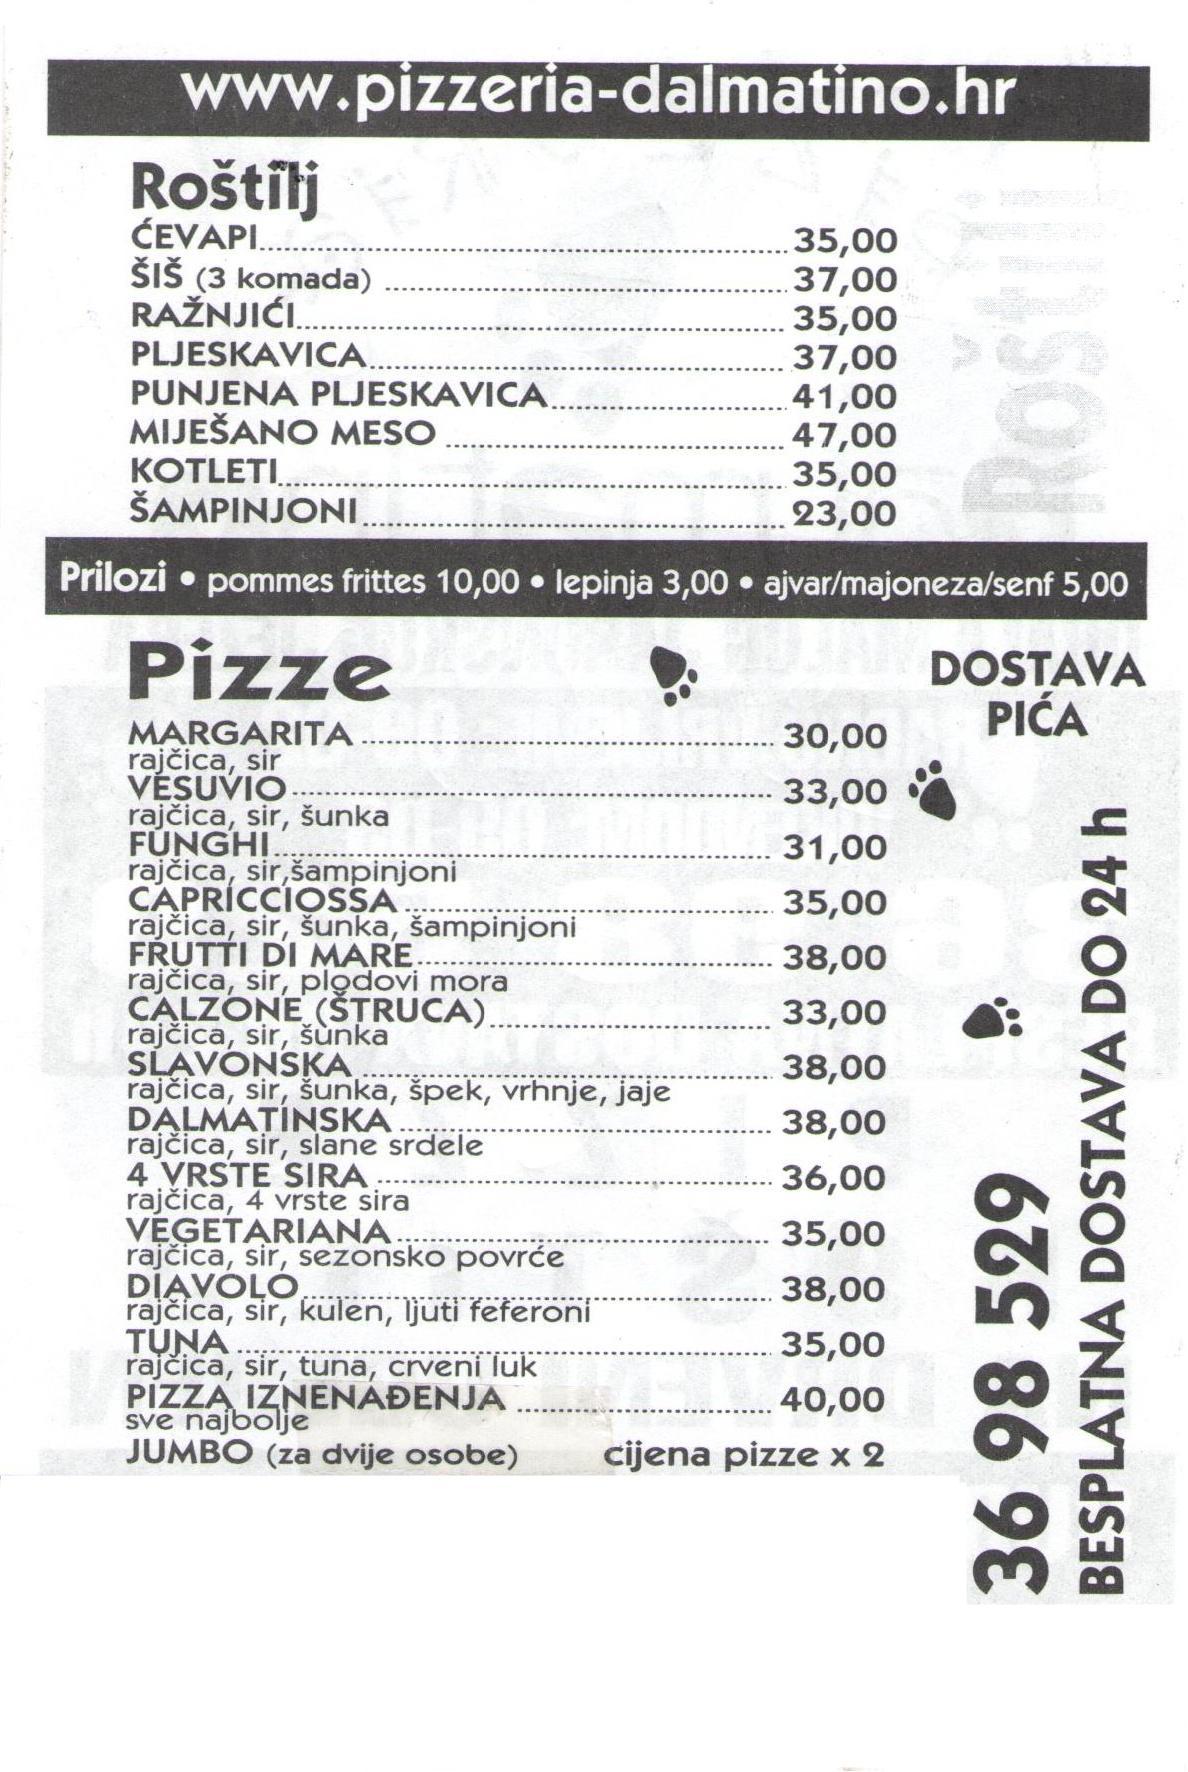 http://www.ponudadana.hr/dodaci/7019/cjenikk.JPG